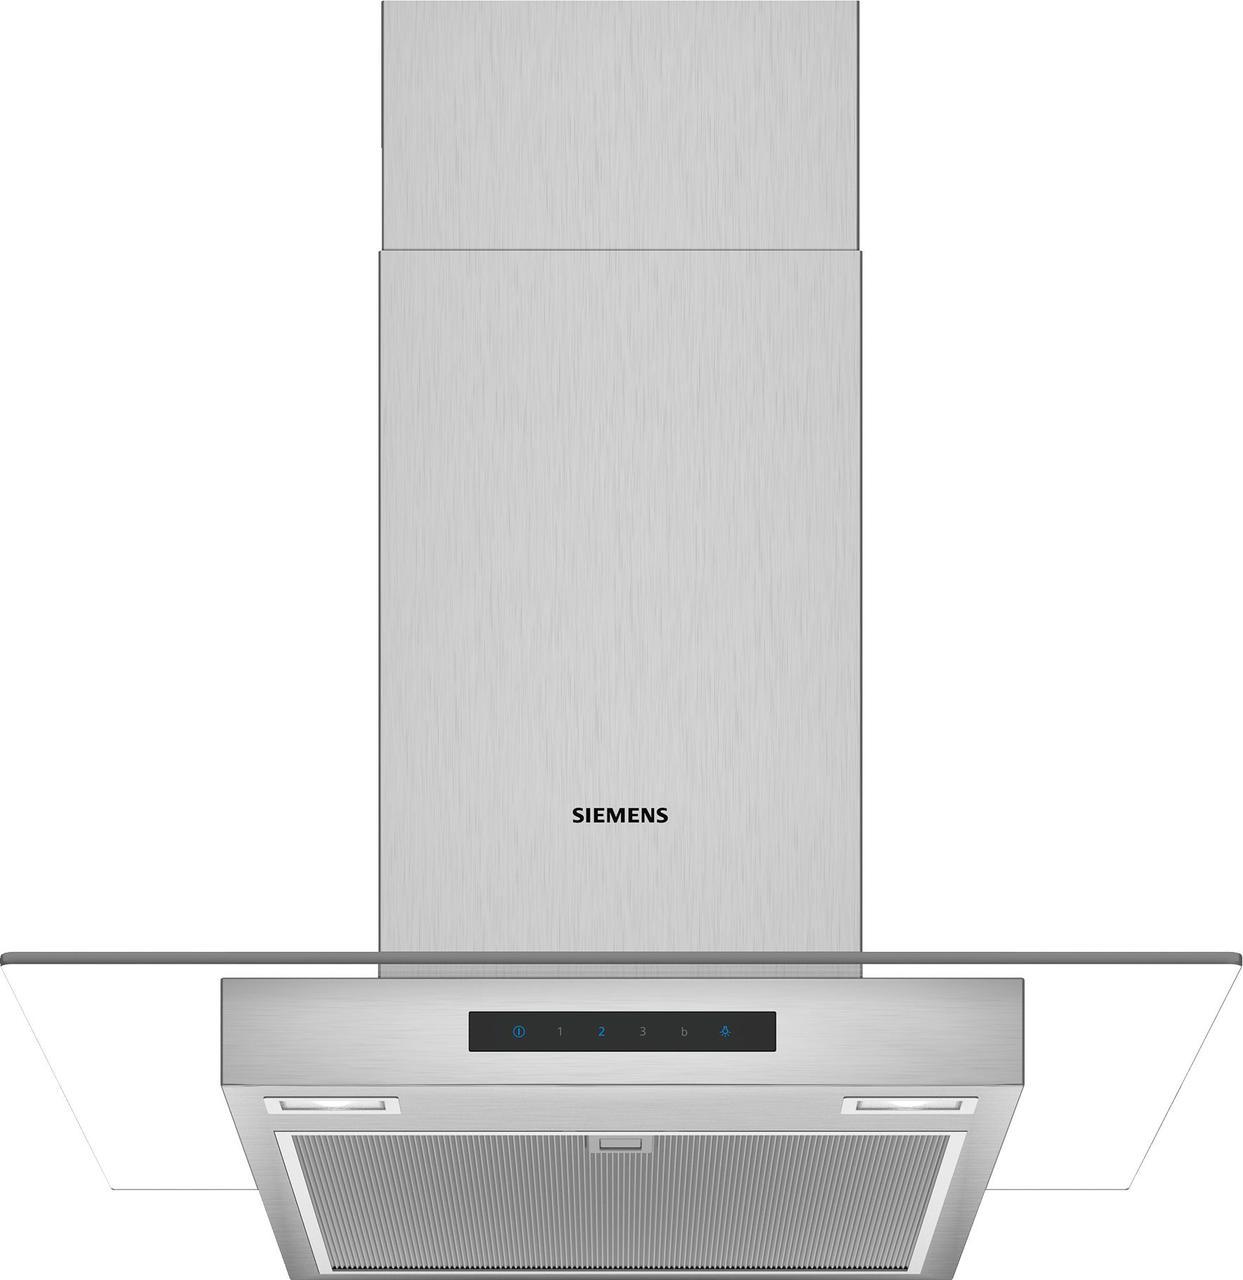 Кухонная вытяжка островная Siemens LC66GBM50